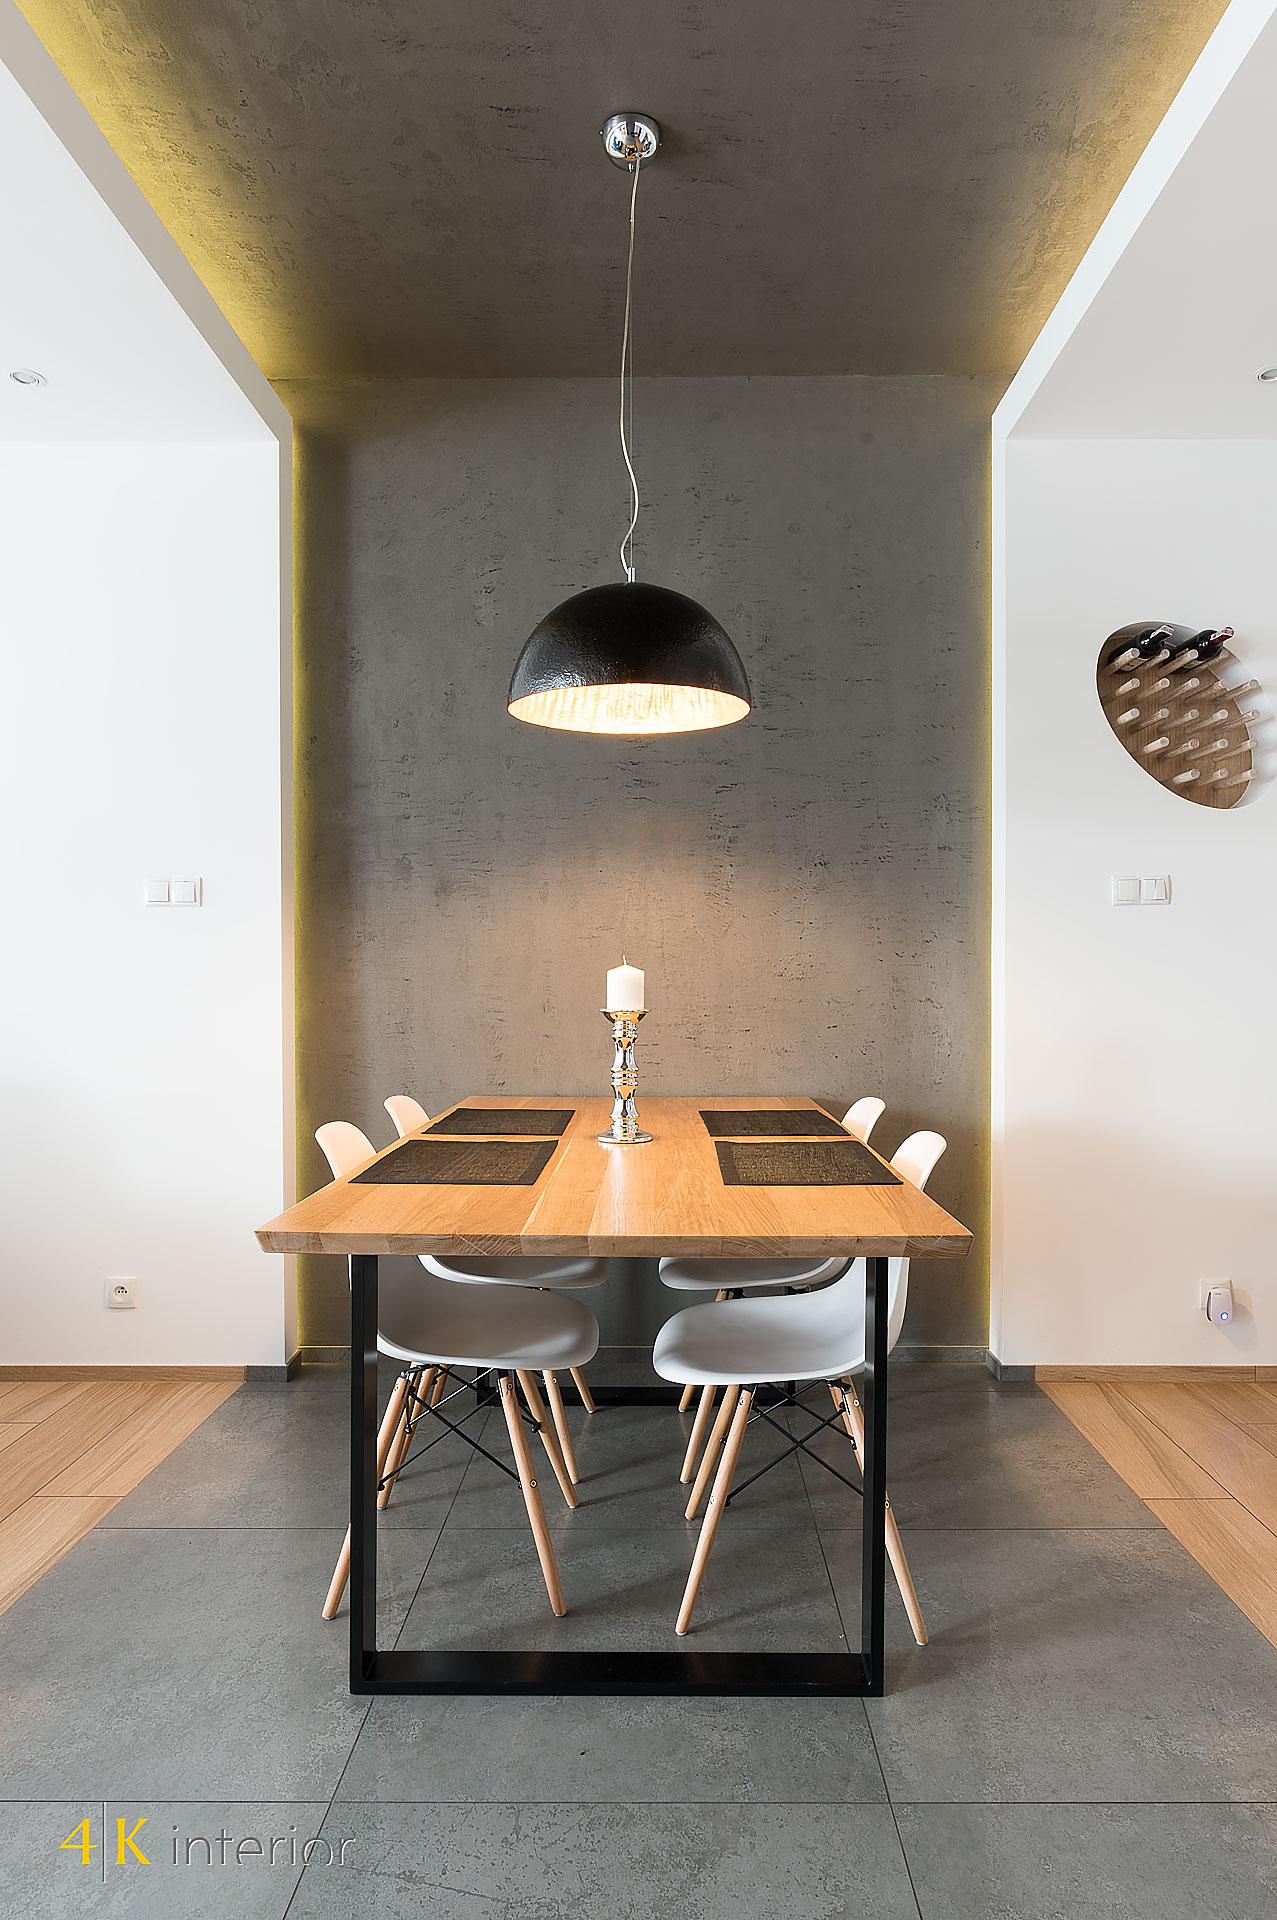 NOWOCZESNE-WNĘTRA-DOMU-Z-MOTYWEM-ELIPSY-05 beton dekoracyjny w jadalni oryginalny ciężki stół